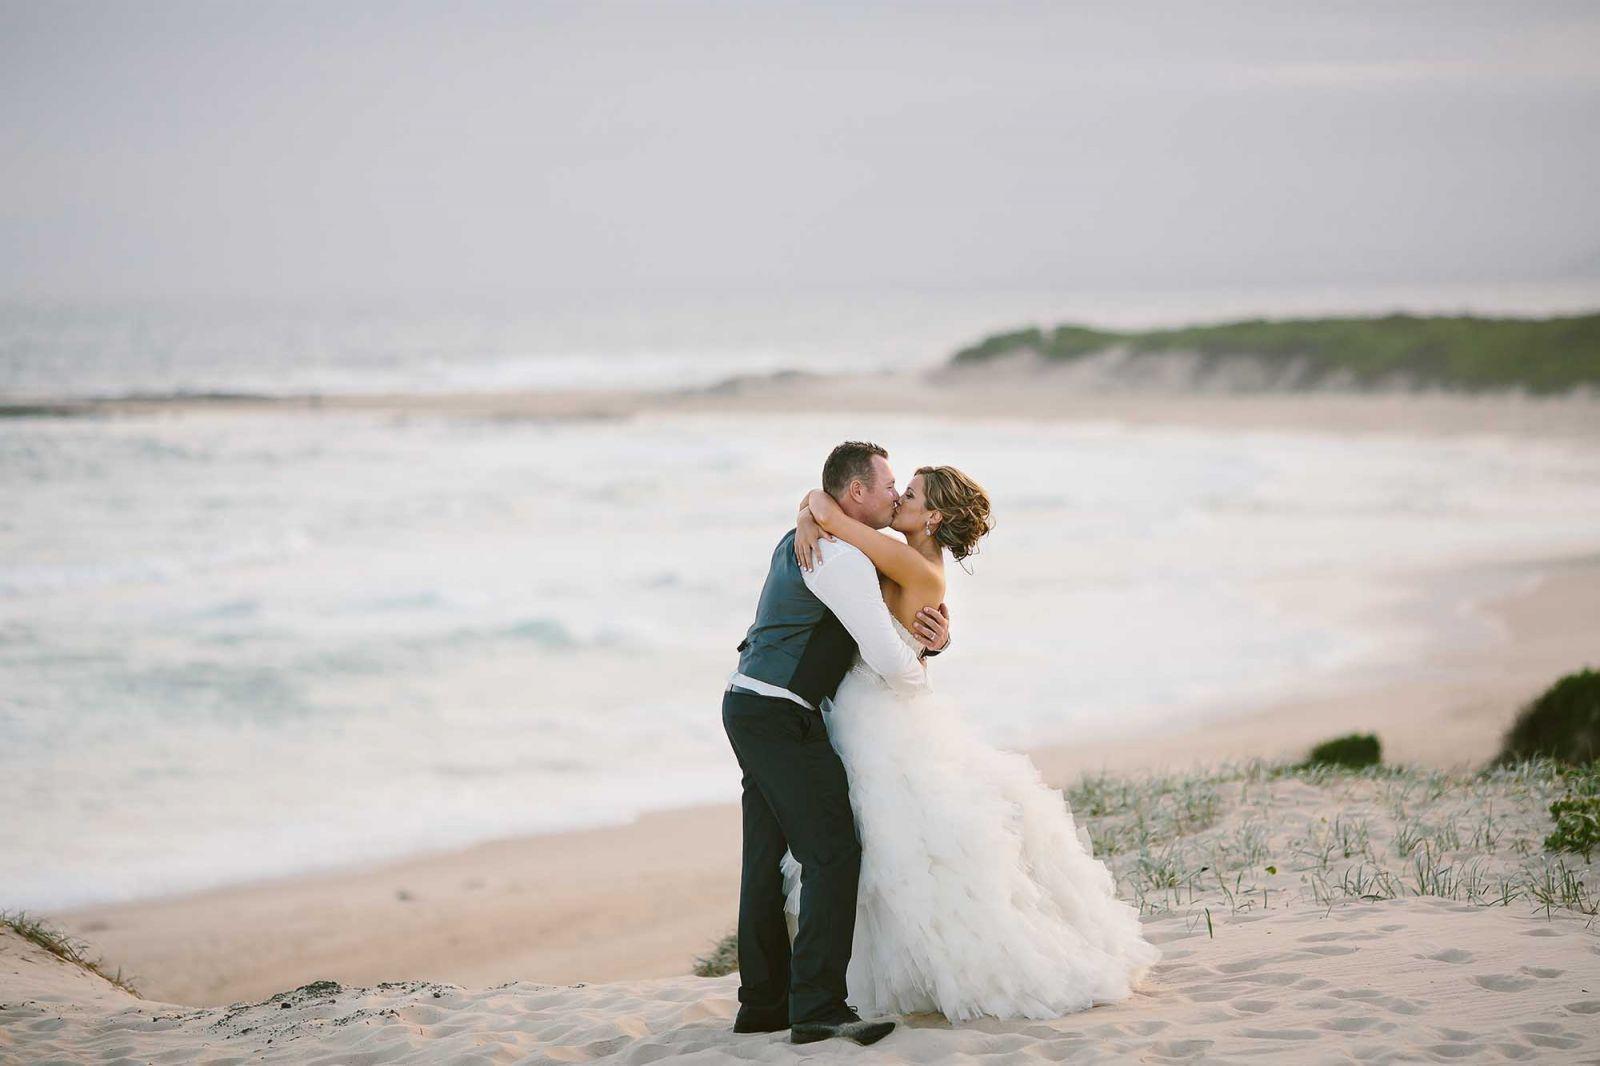 soldiers beach wedding